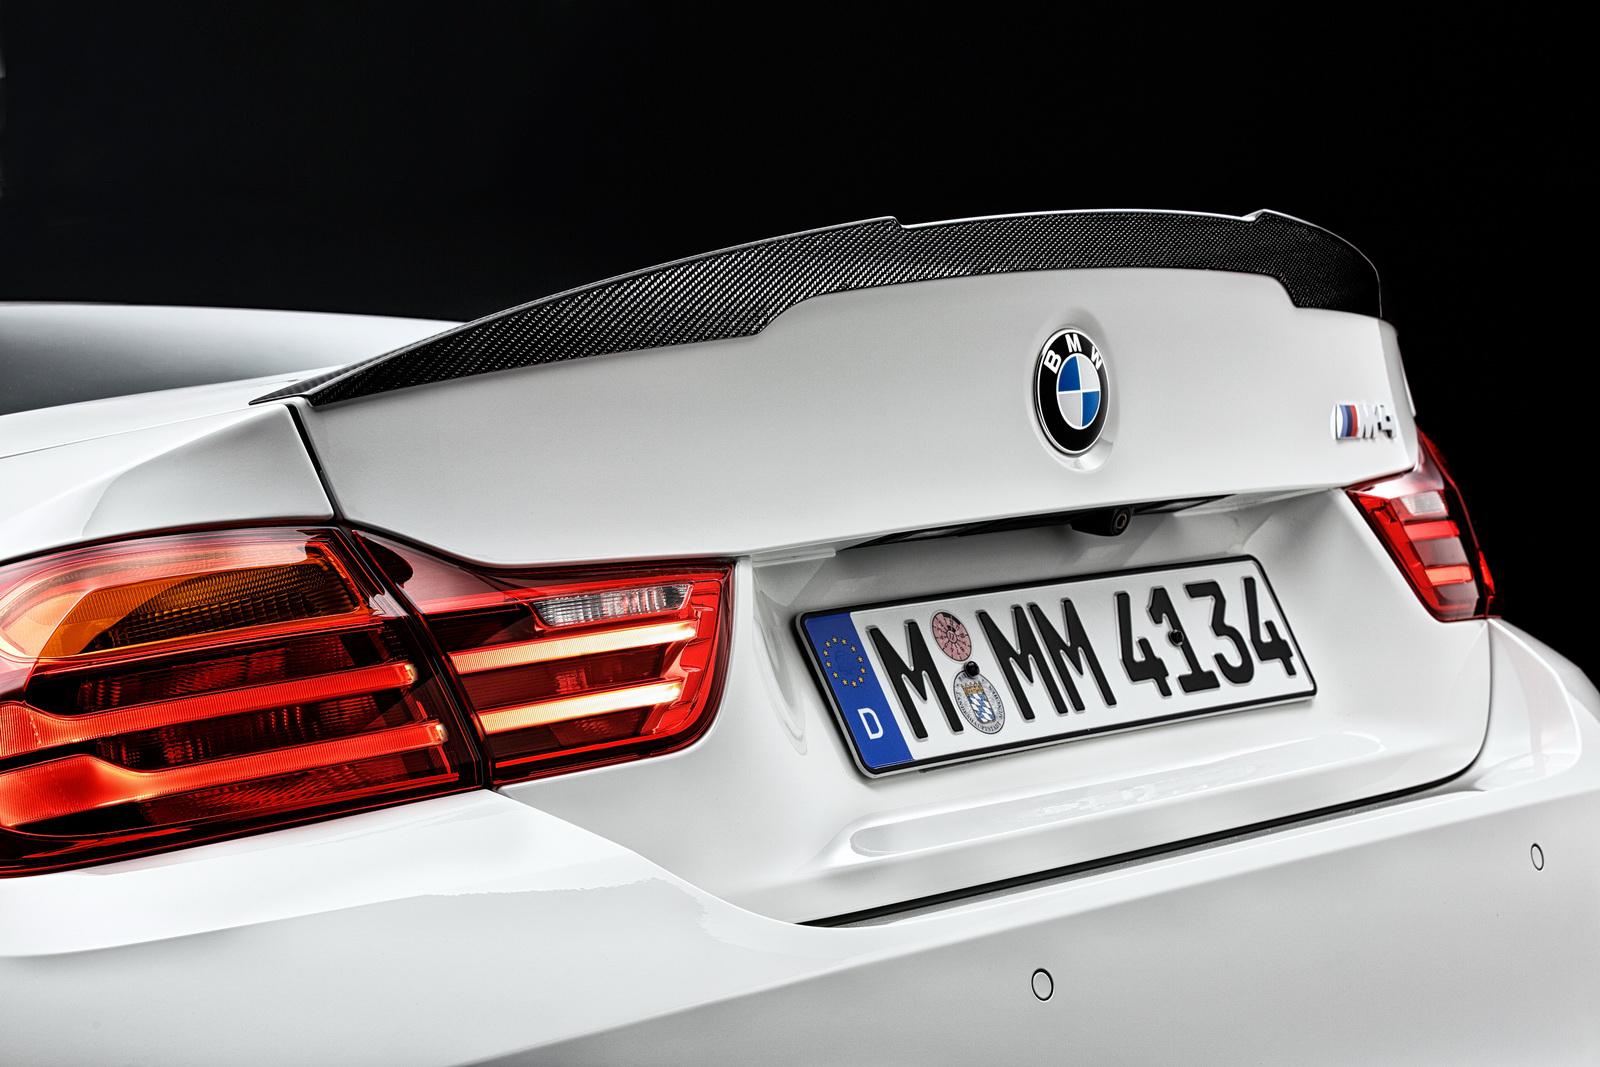 Ngoại thất thể thao ấn tượng của BMW M4 Coupe